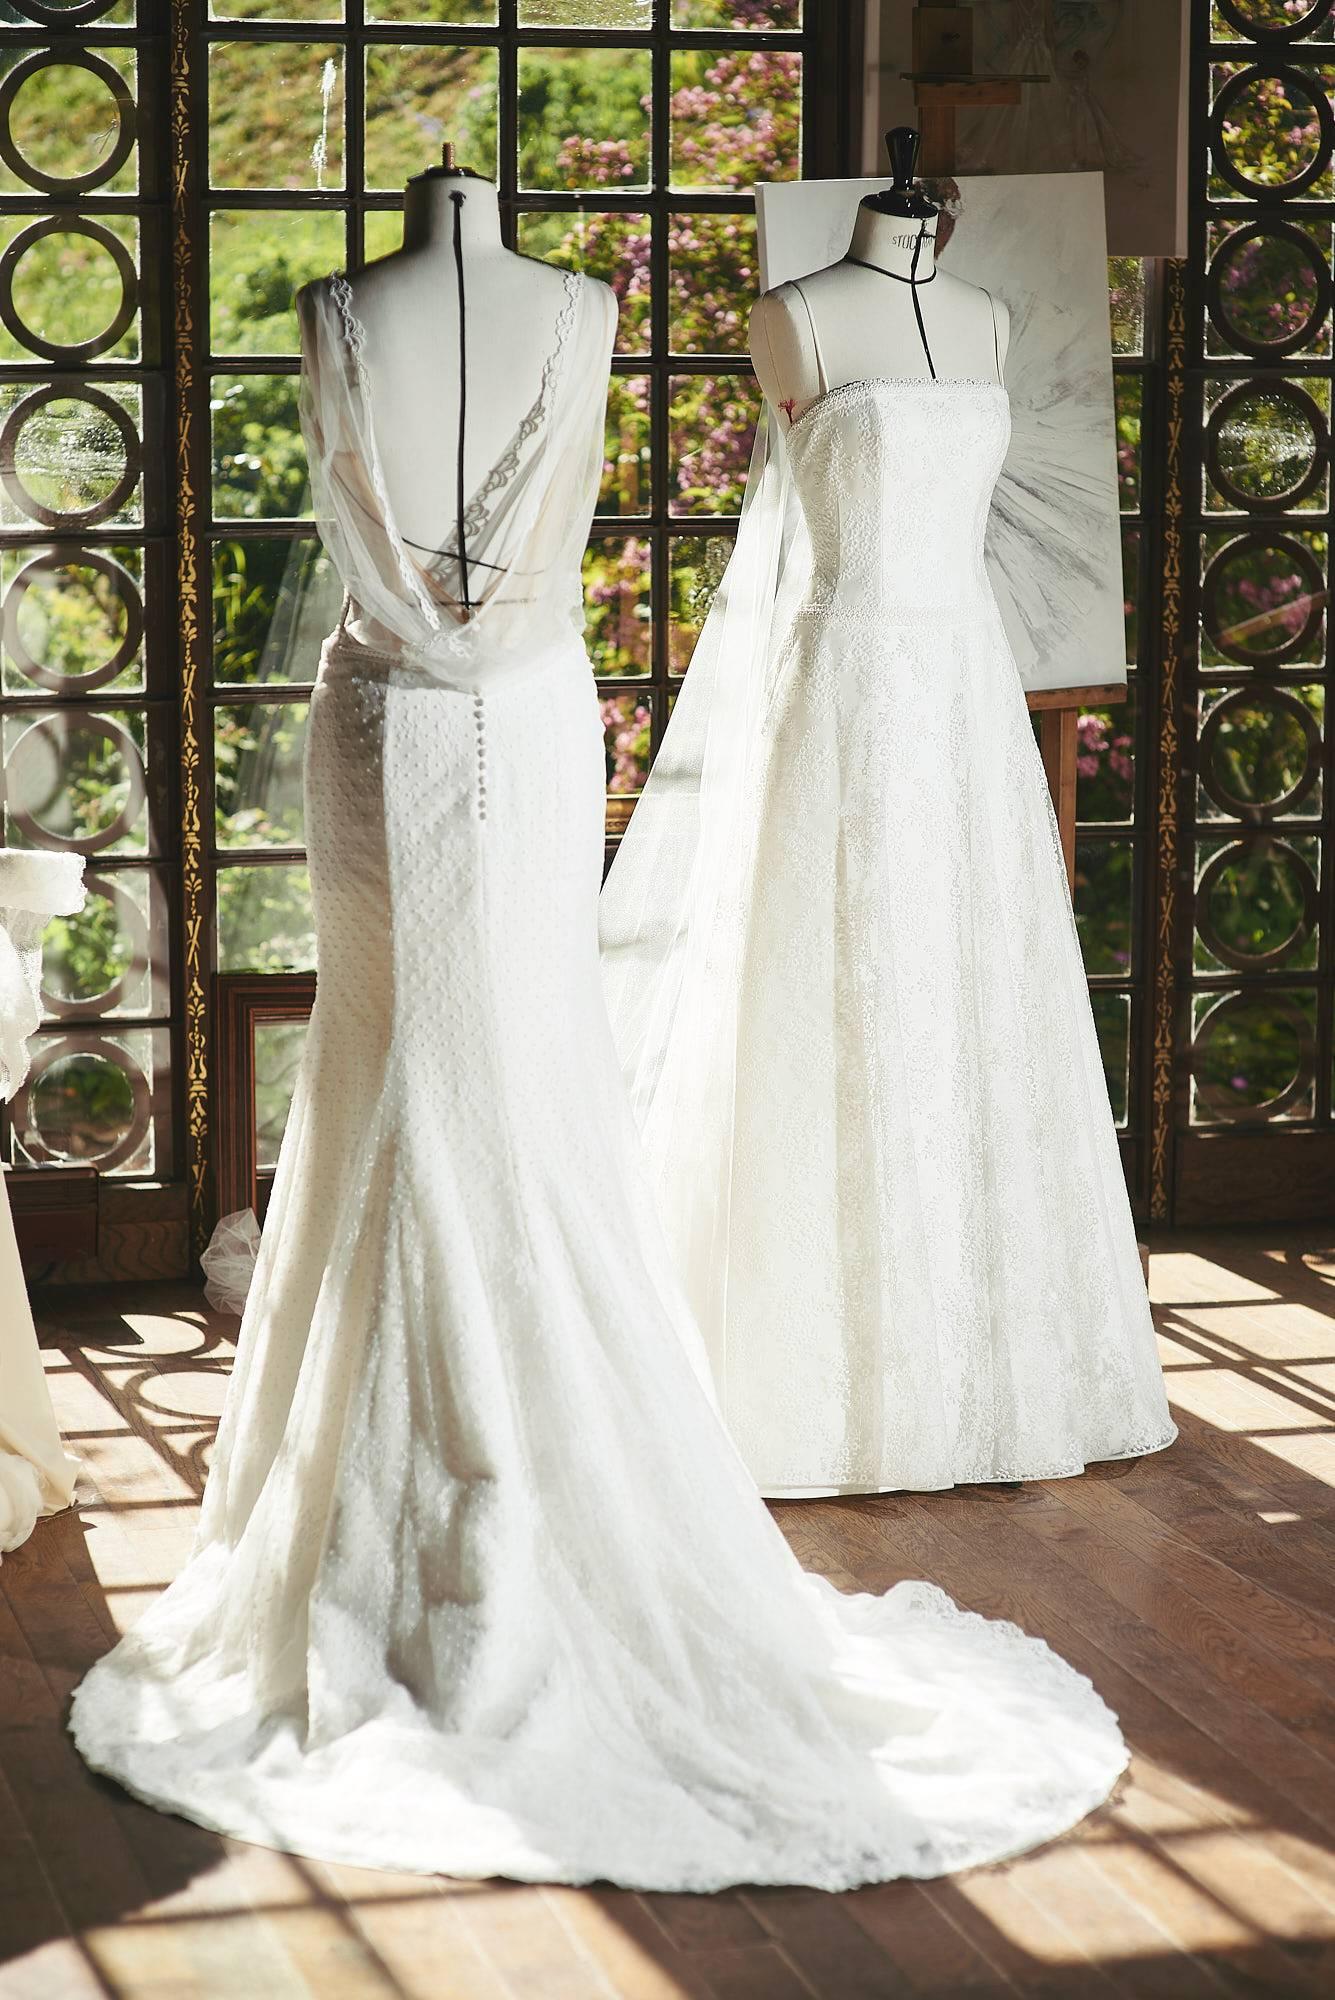 Robe IZAR | Modele robe de mariage, Mariage robe dentelle